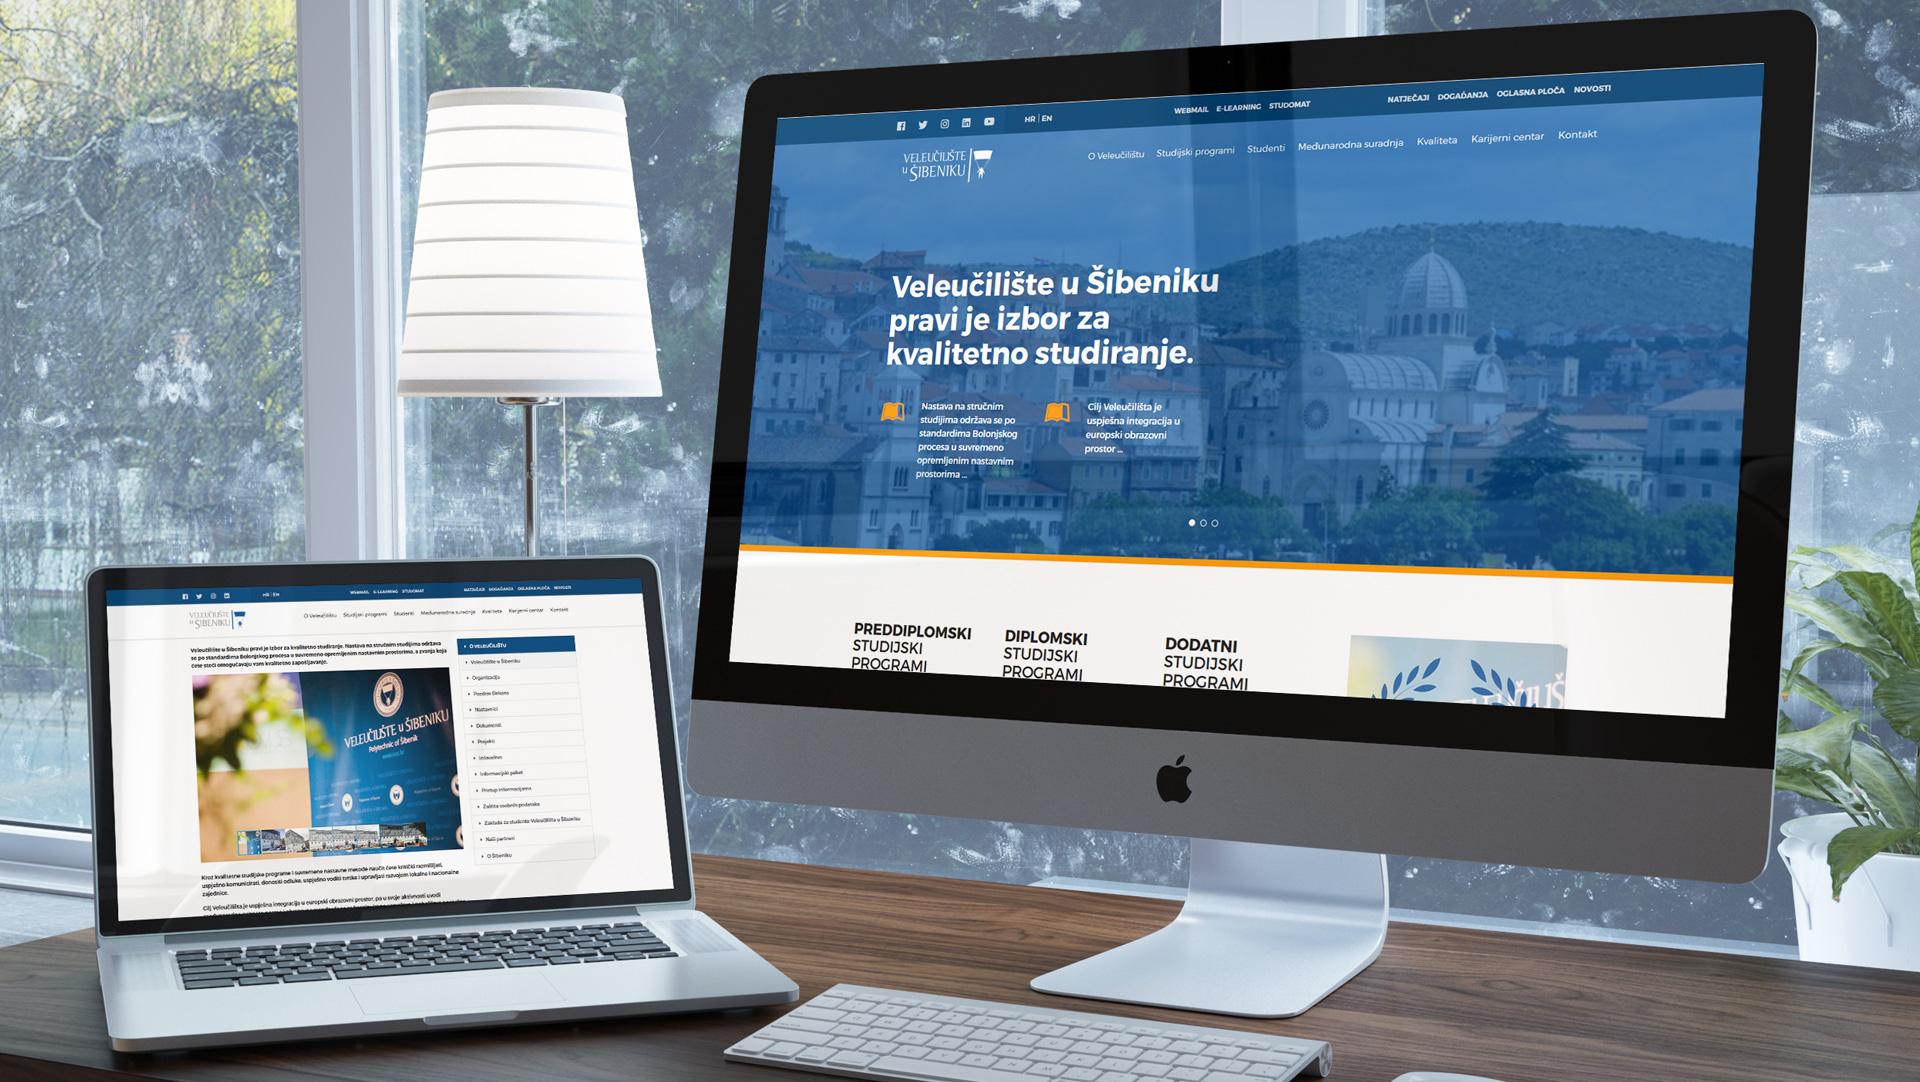 Službene web stranice Veleučilišta u Šibeniku